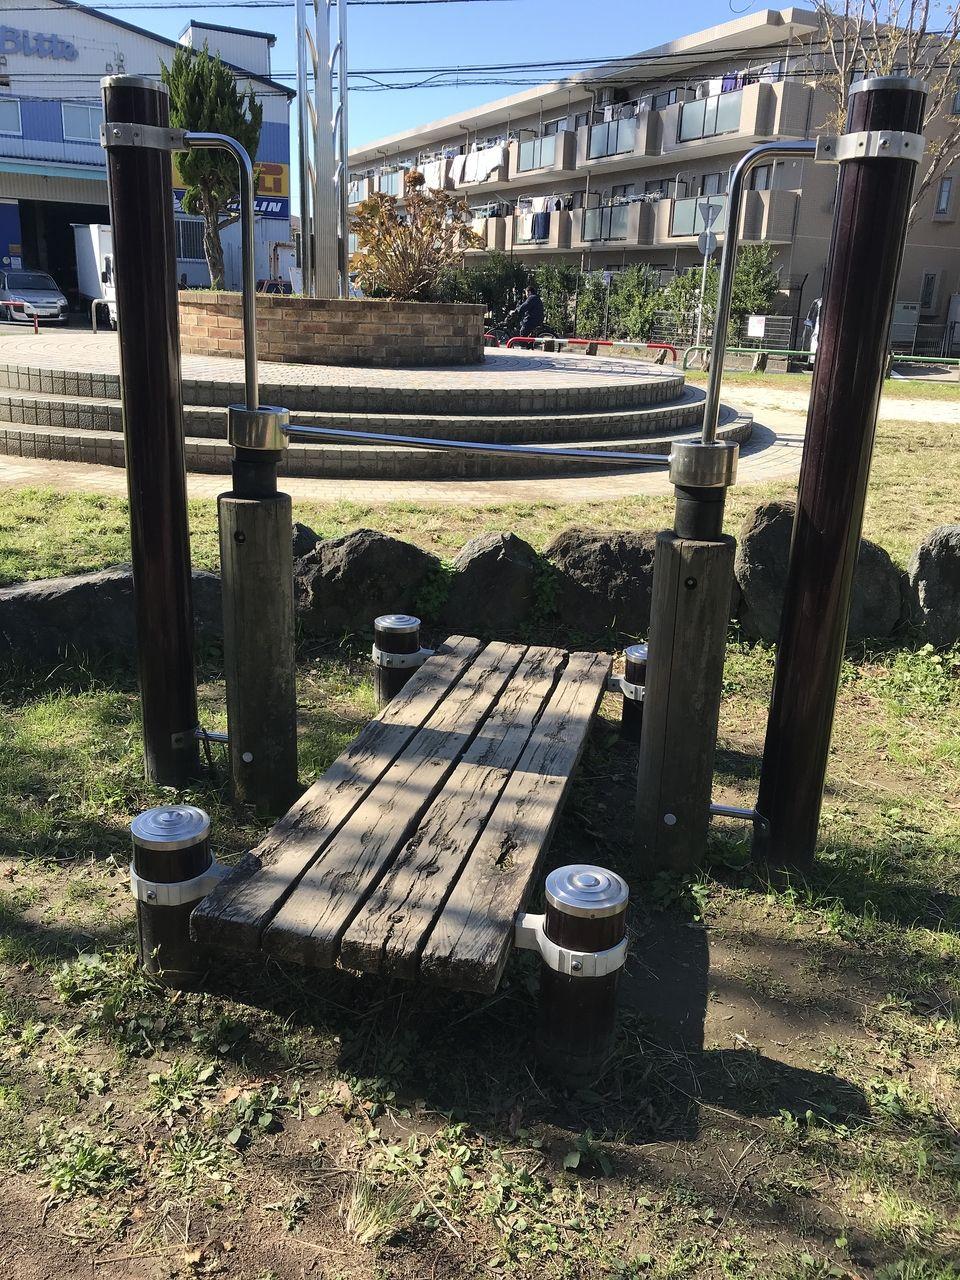 行徳の福栄公園の鉄棒のような遊具